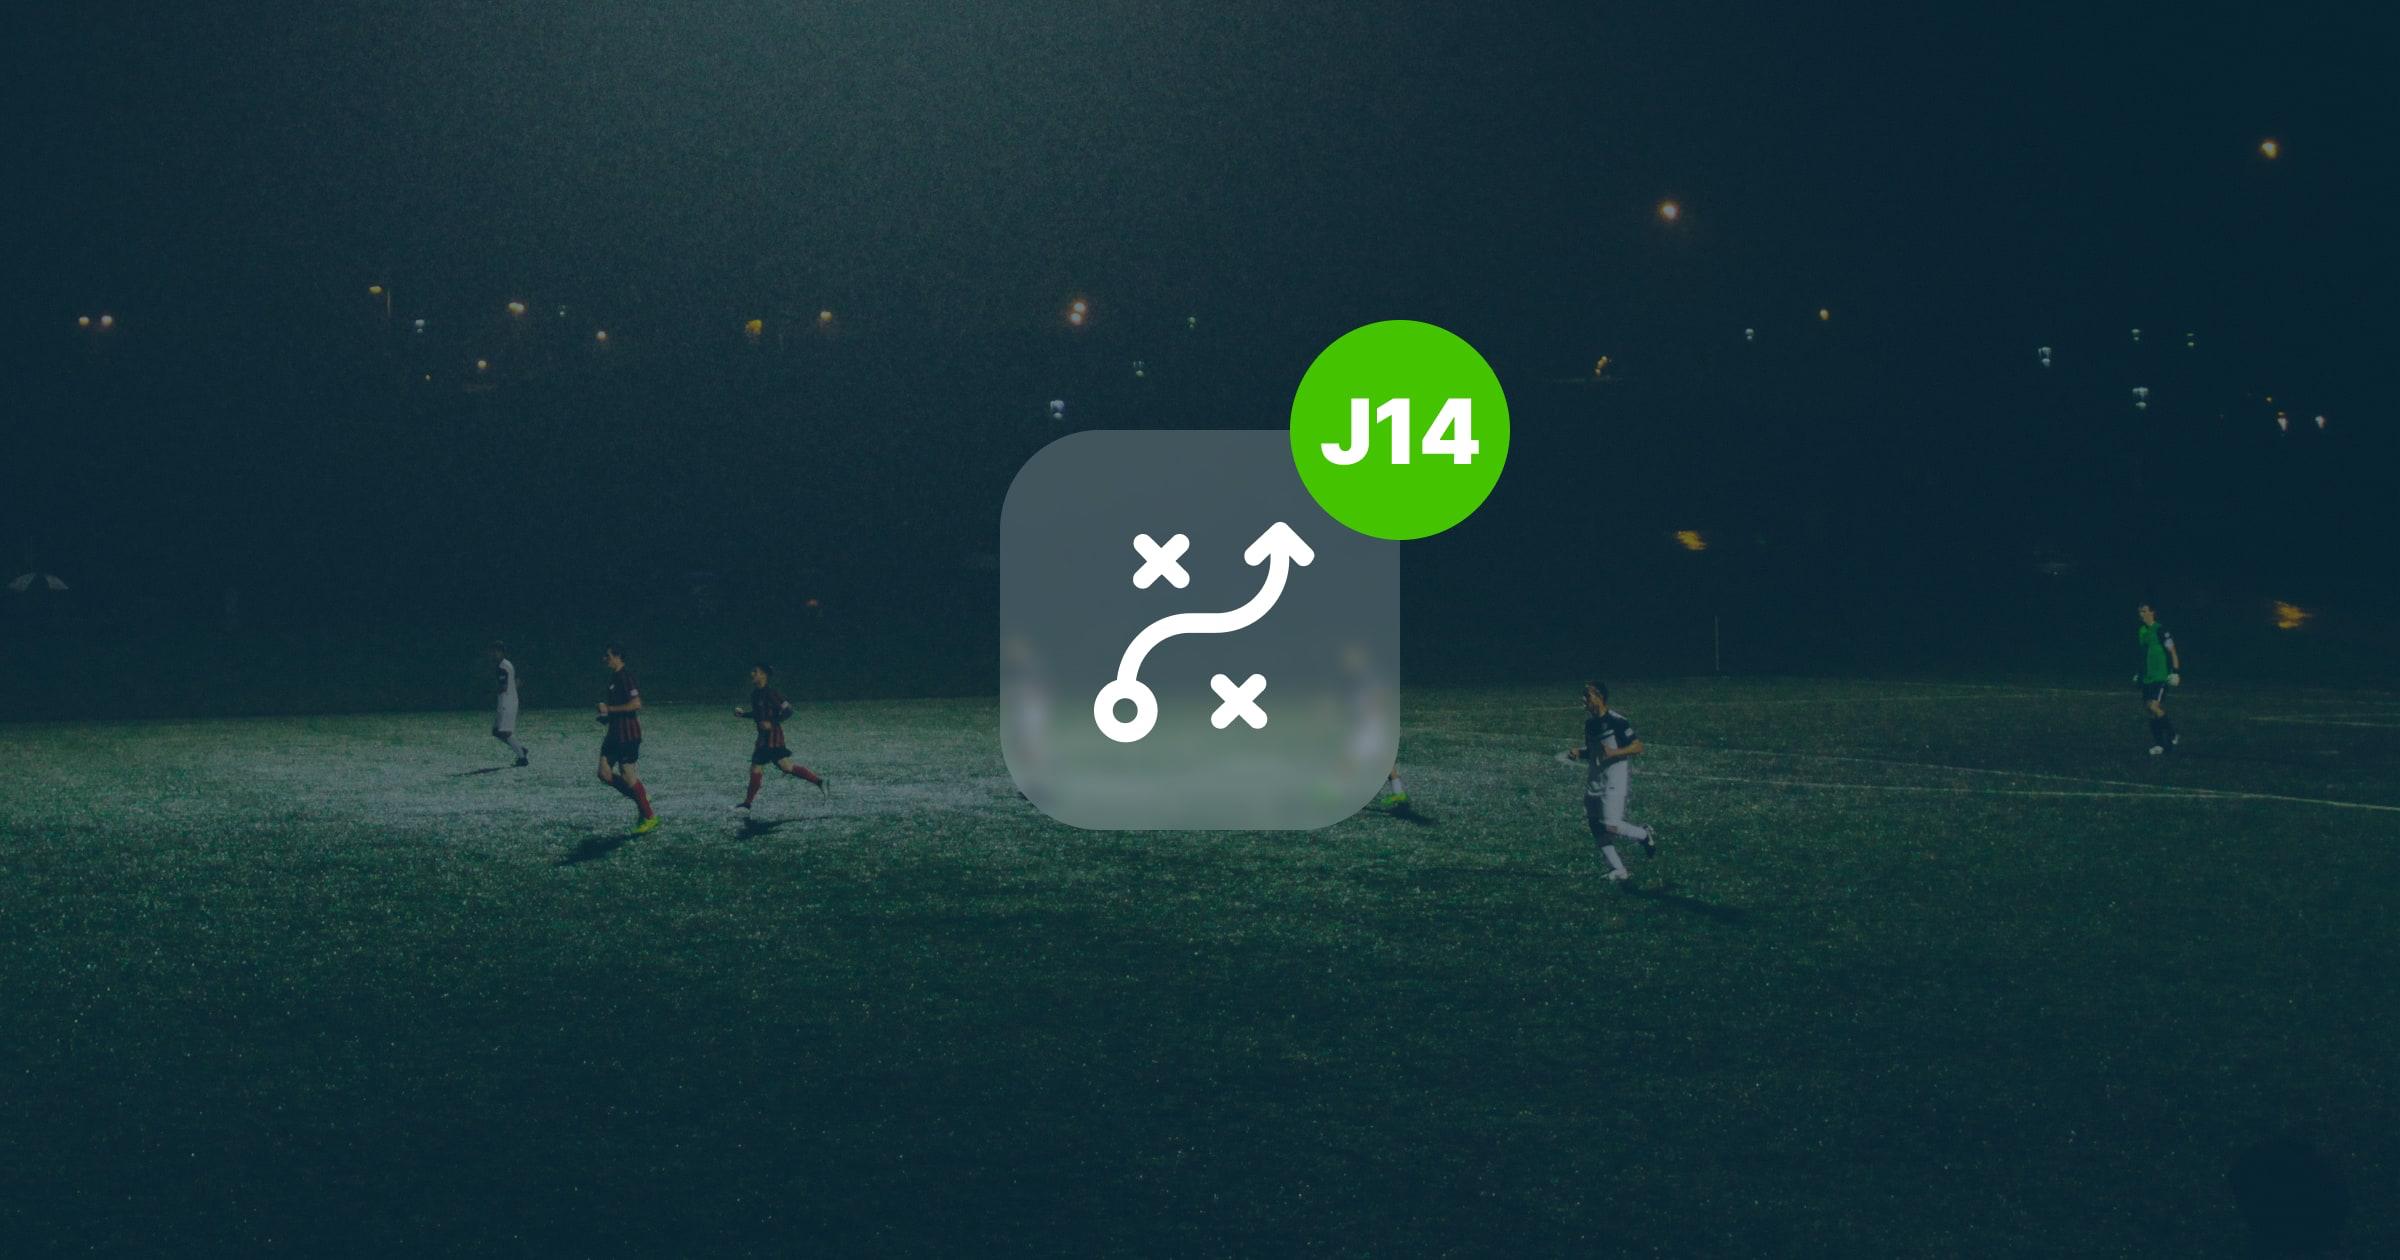 Les joueurs à suivre pour la J14